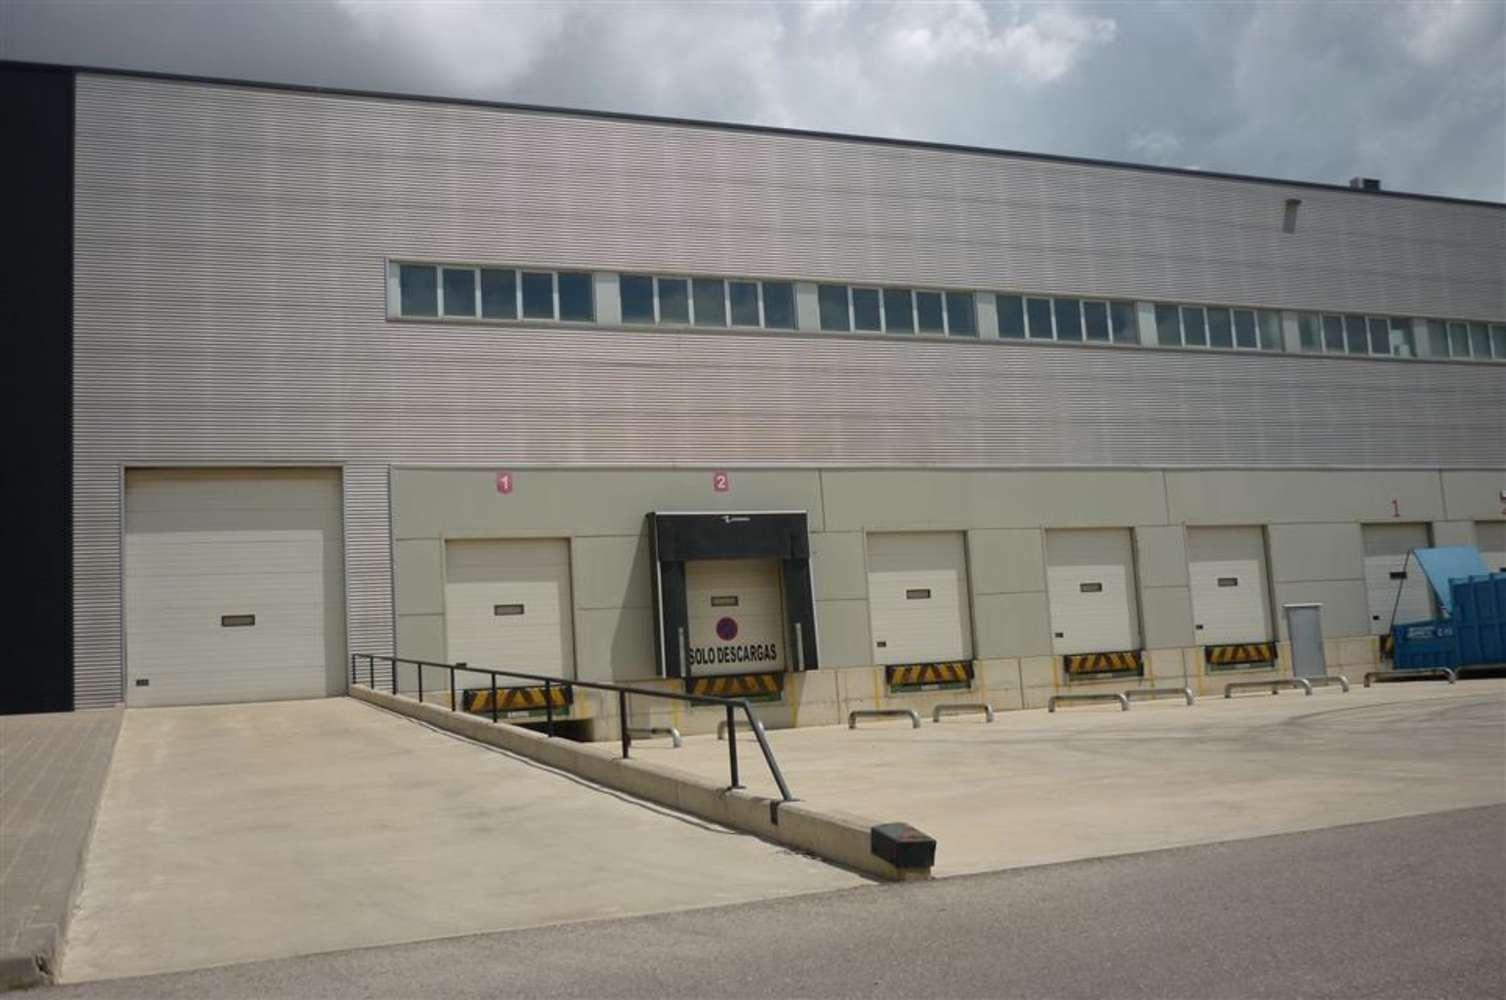 Naves industriales y logísticas La granada, 08792 - Nave Logistica - B0099 - LOGISTIC PARK BARCELONA SUR - 7316